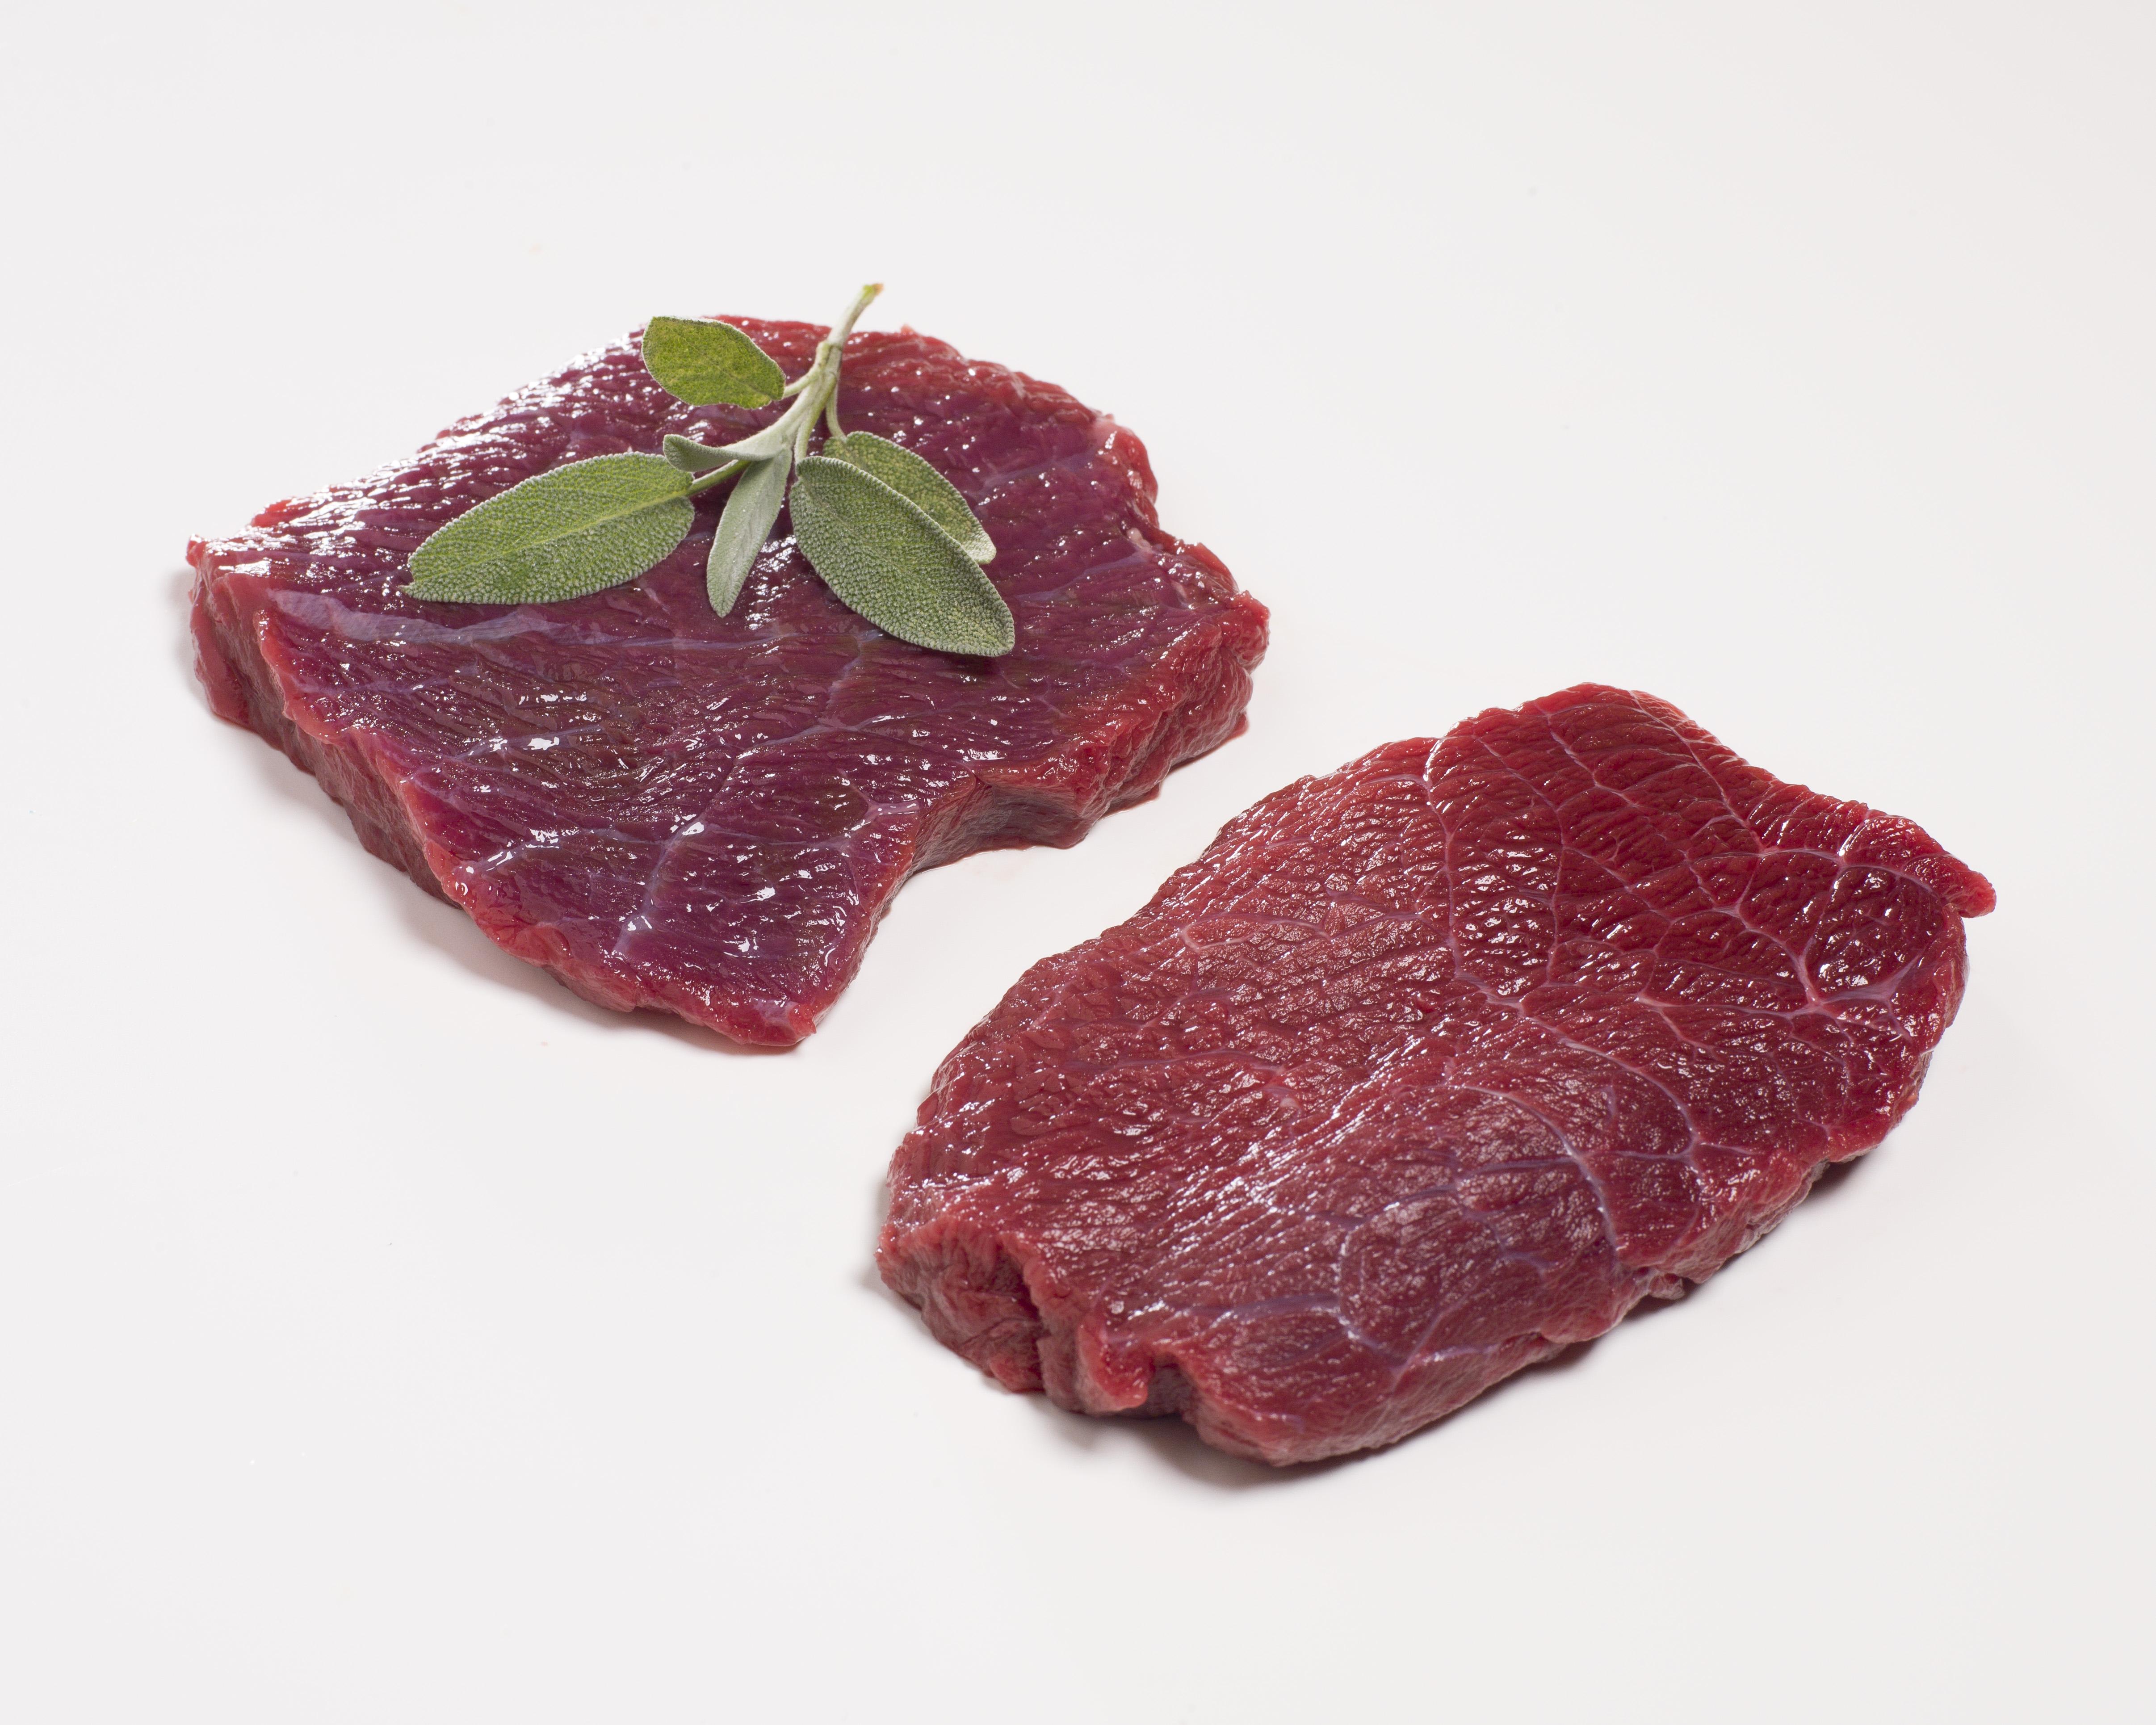 754081 Kameel steak R_1.JPG